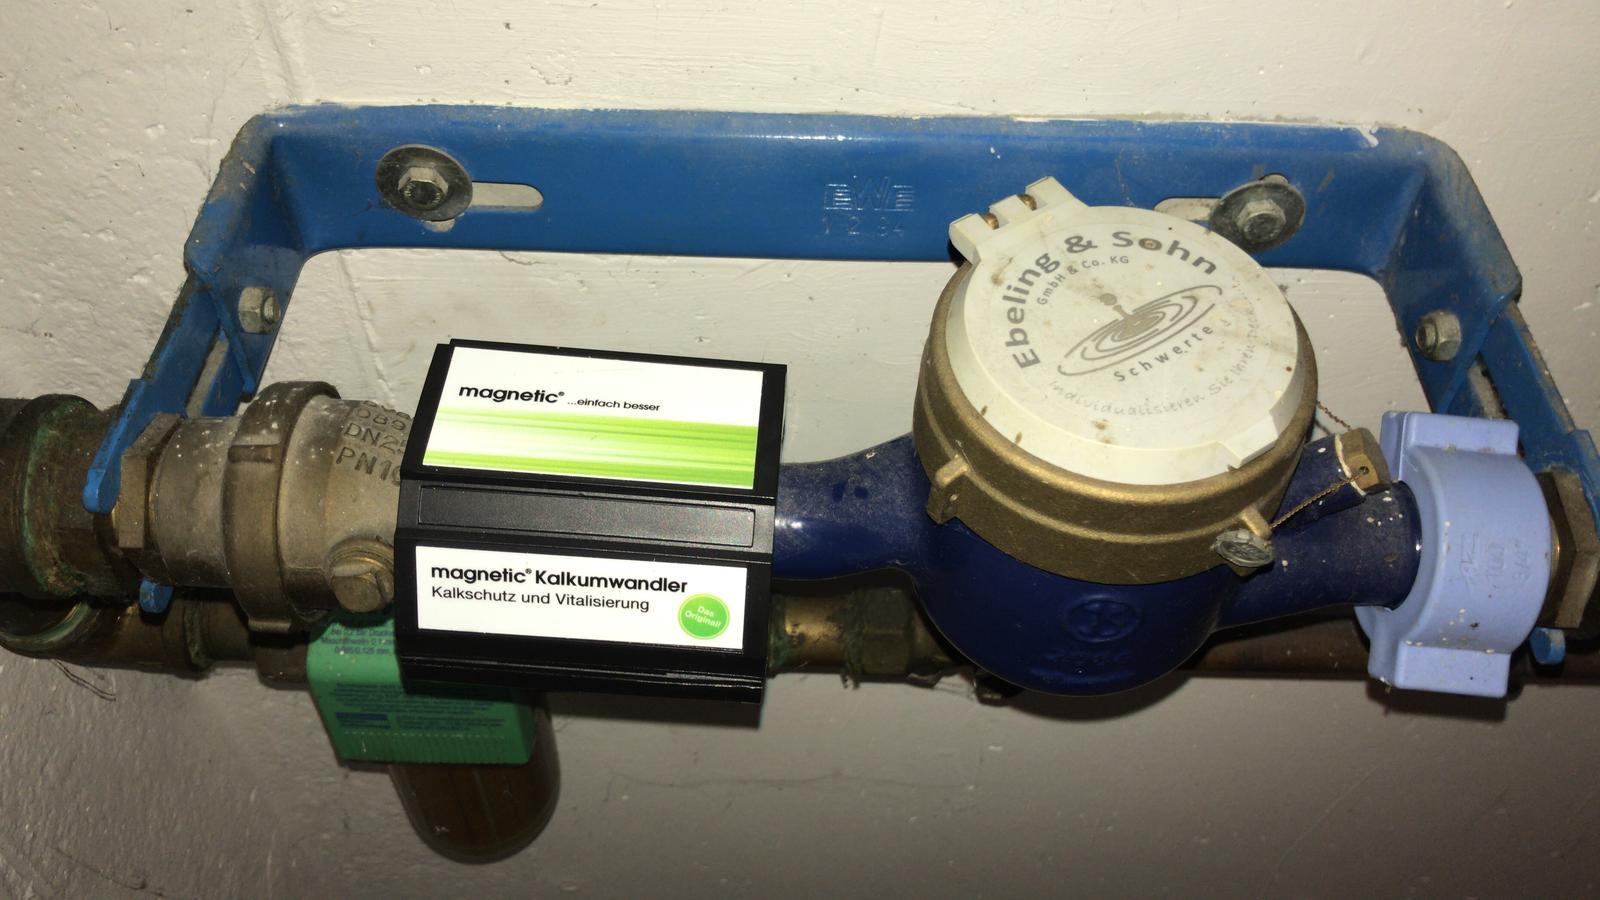 Magnetic Kalkwandler installiert vor der Wasseruhr